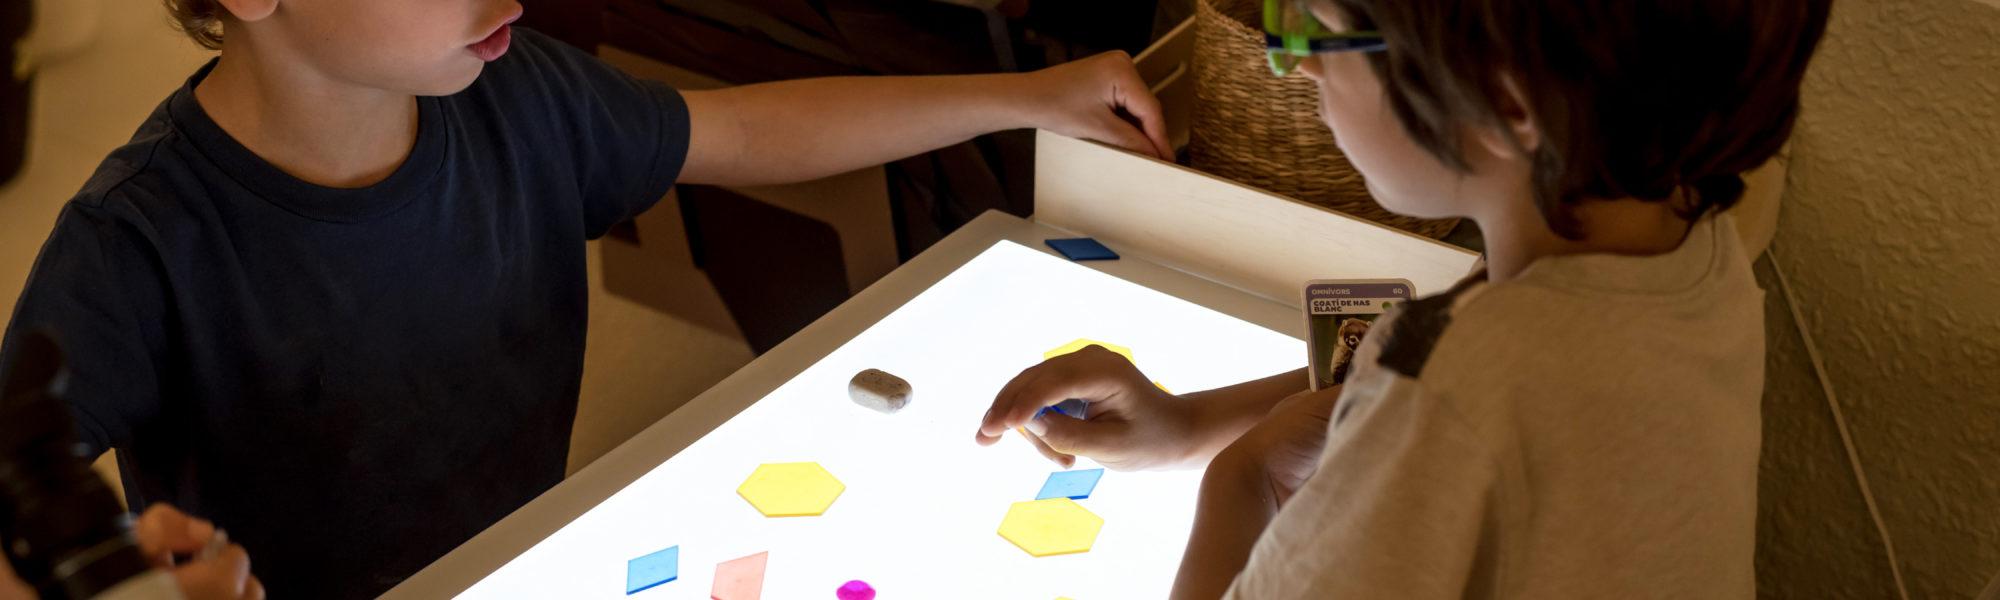 Nens jugant amb una taula de llum